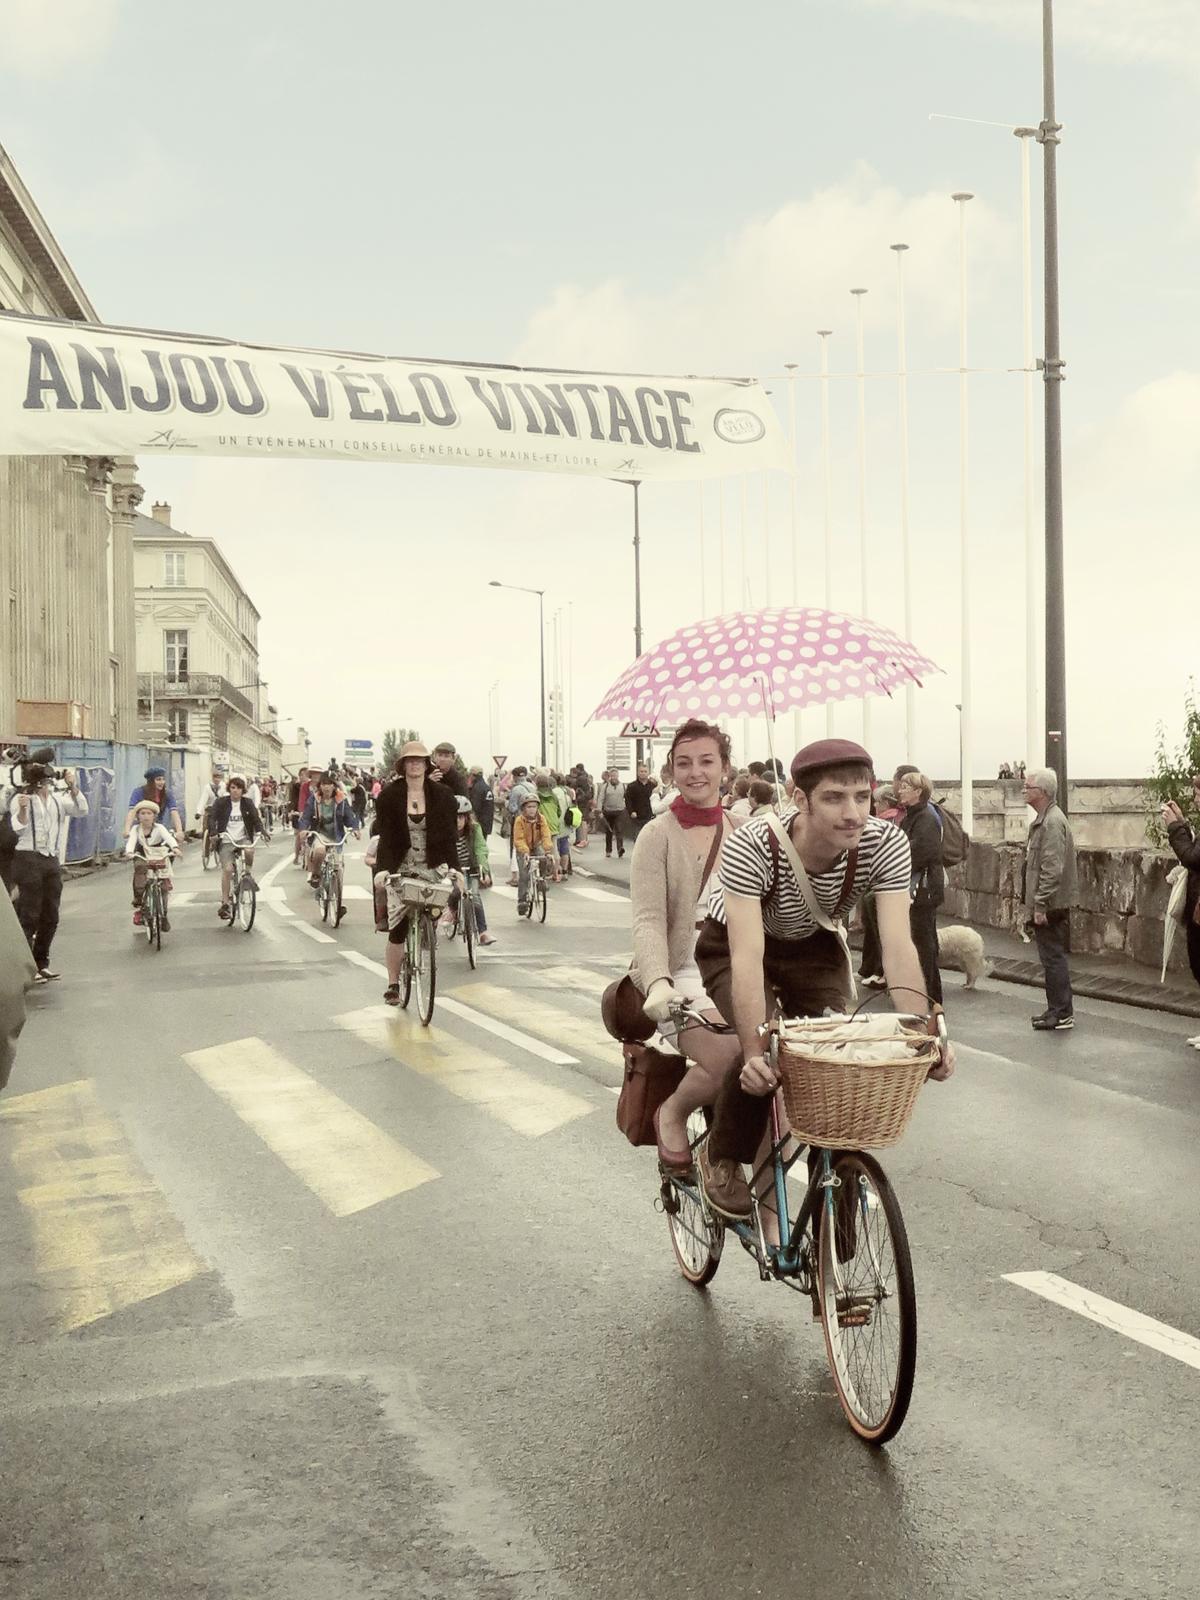 Anjou Vélo Vintage: El festival retro para pasear en bicicleta vestido como en los años 30